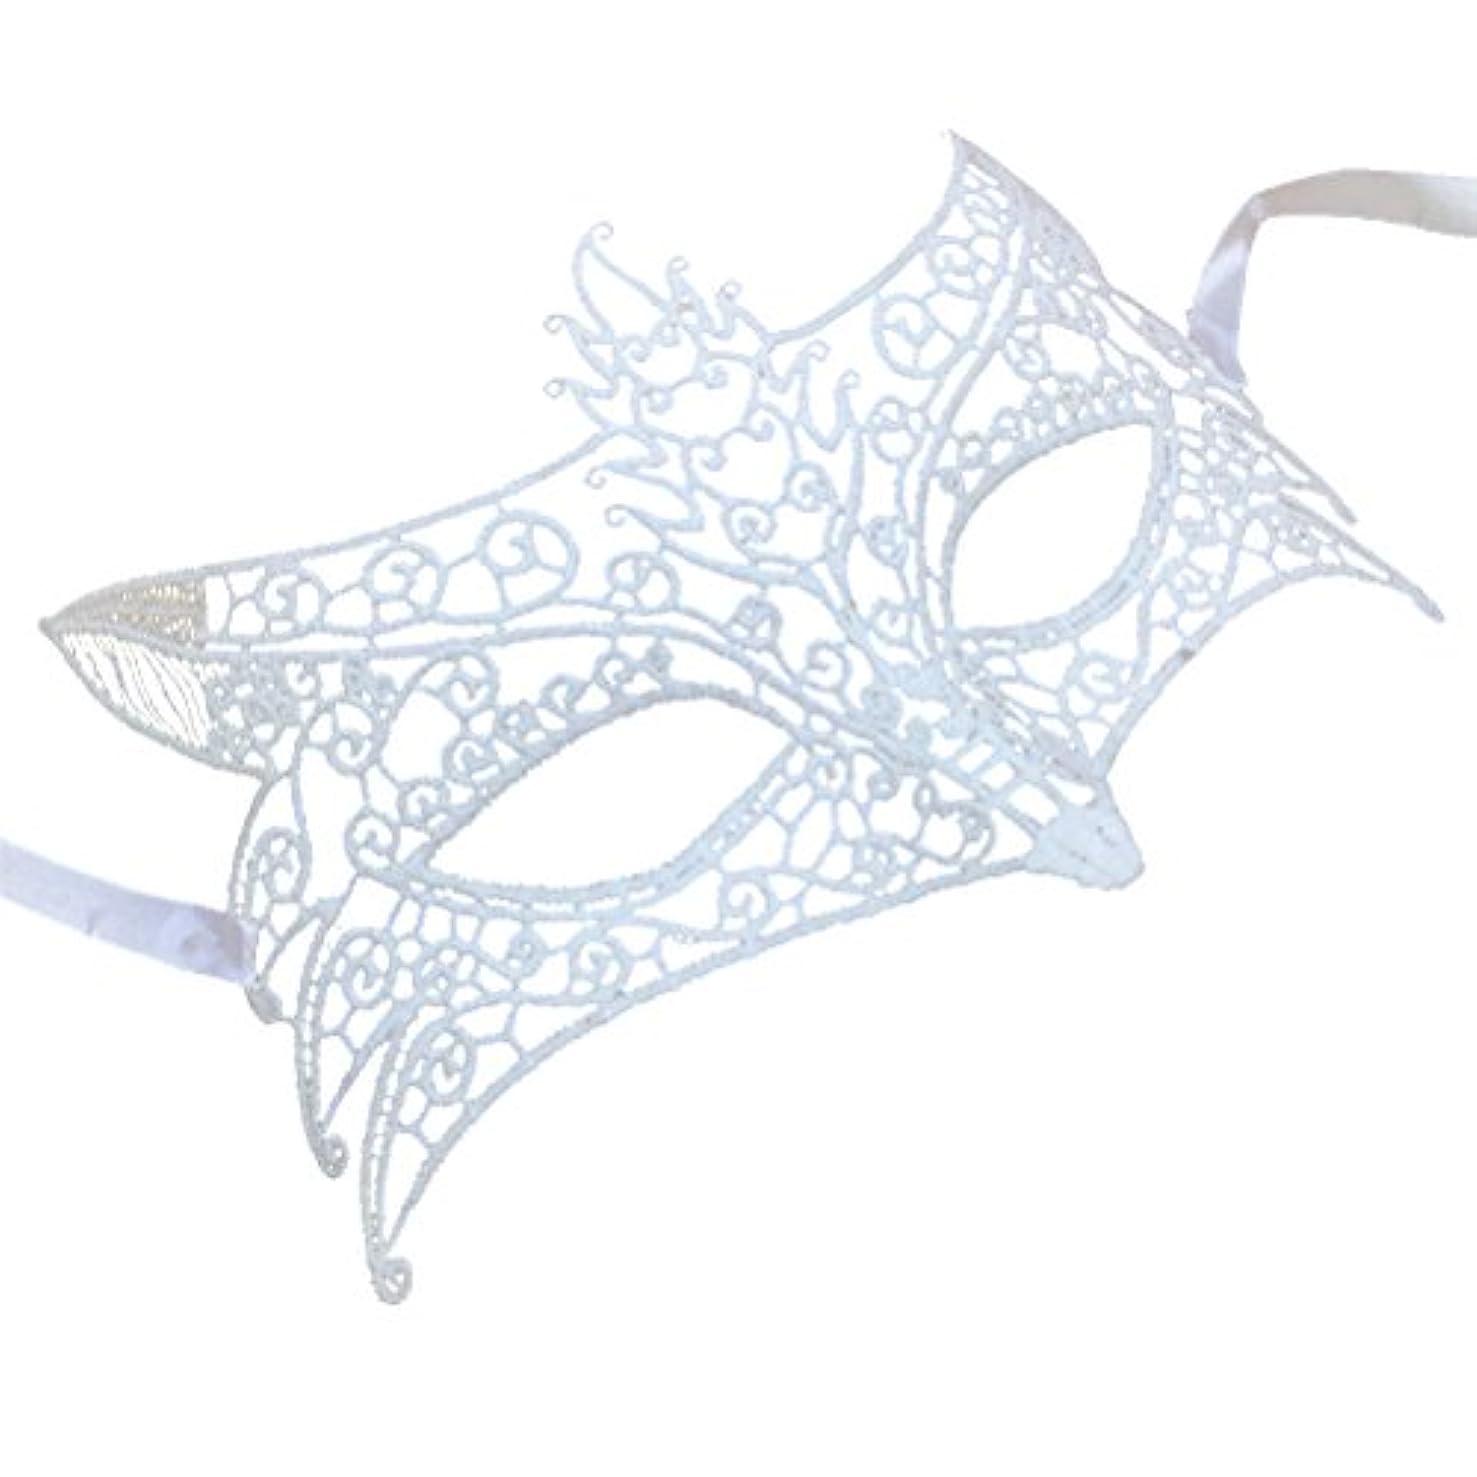 一定スムーズに自体AMOSFUN キツネの形をしたレースパーティーマスクイブニングパーティーウエディングマスカレードマスク(ホワイト)